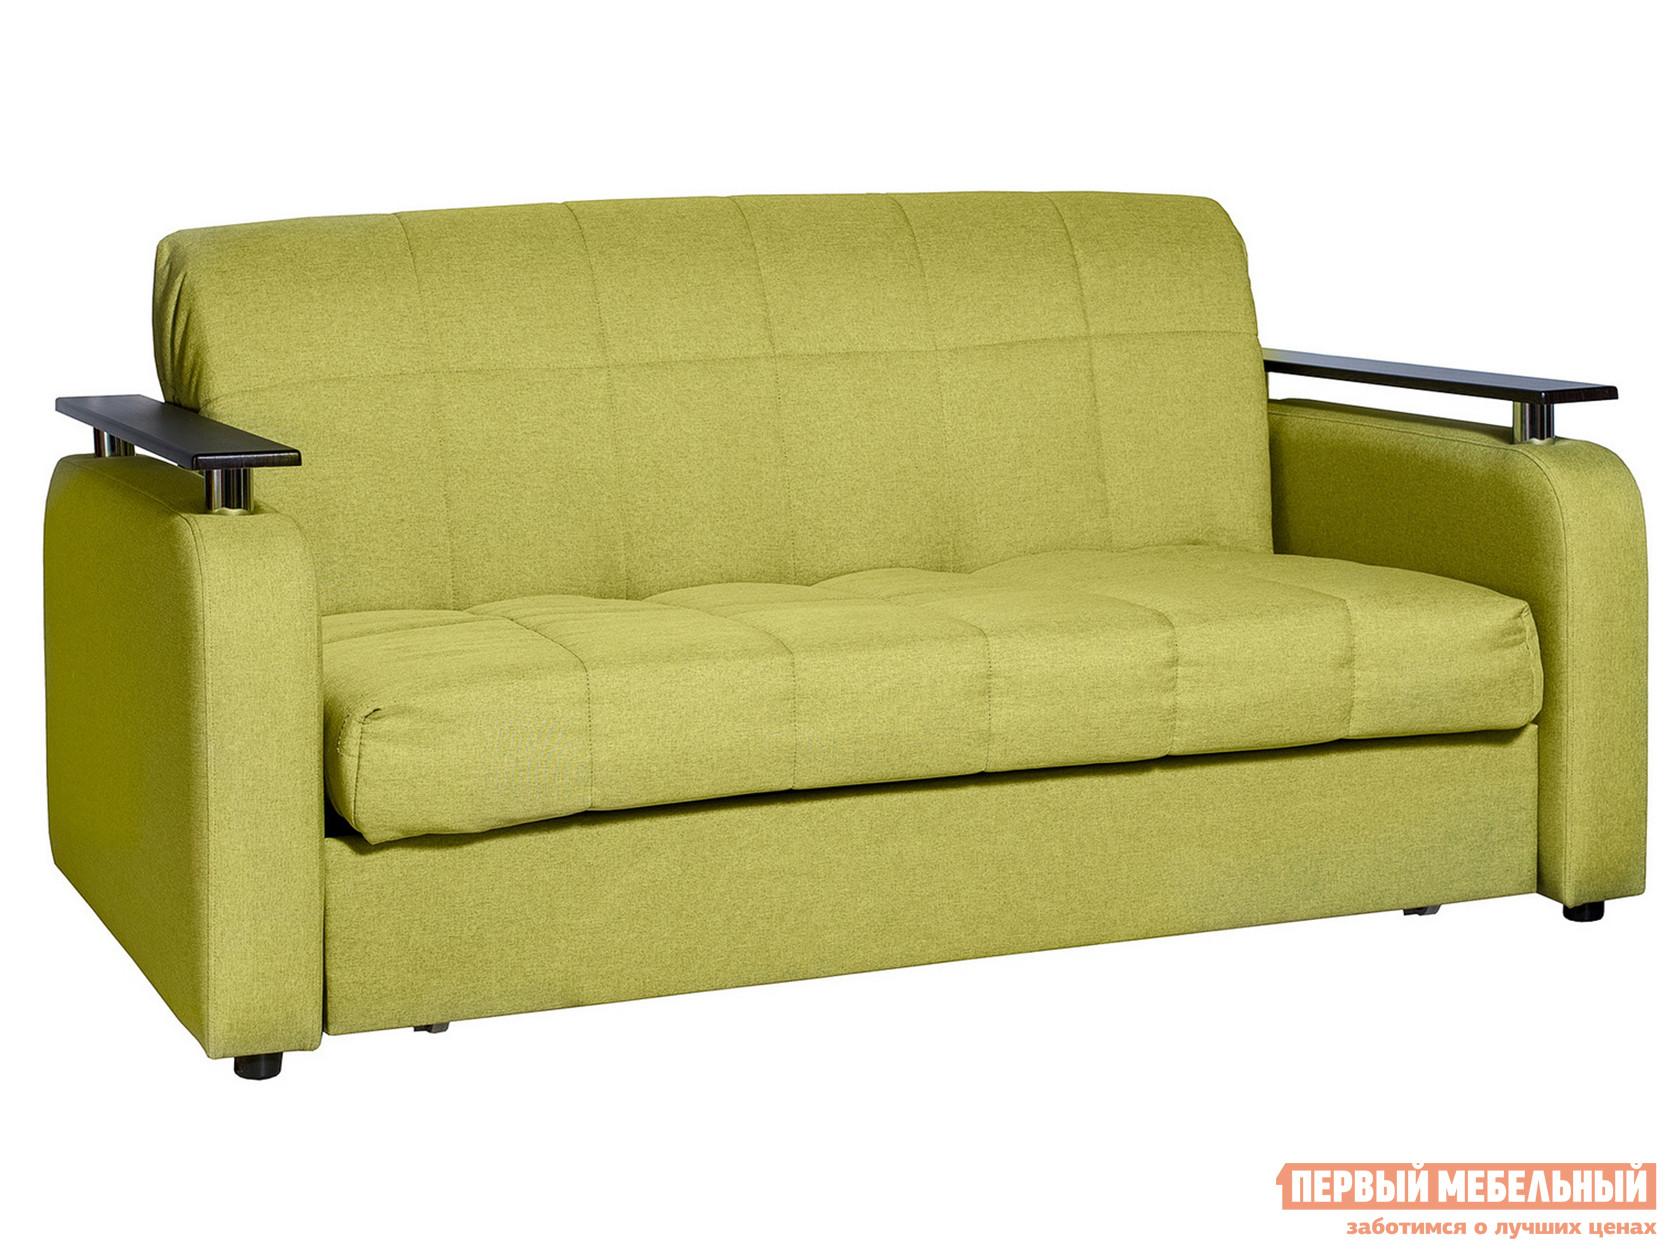 Прямой диван Первый Мебельный Диван Денвер Люкс